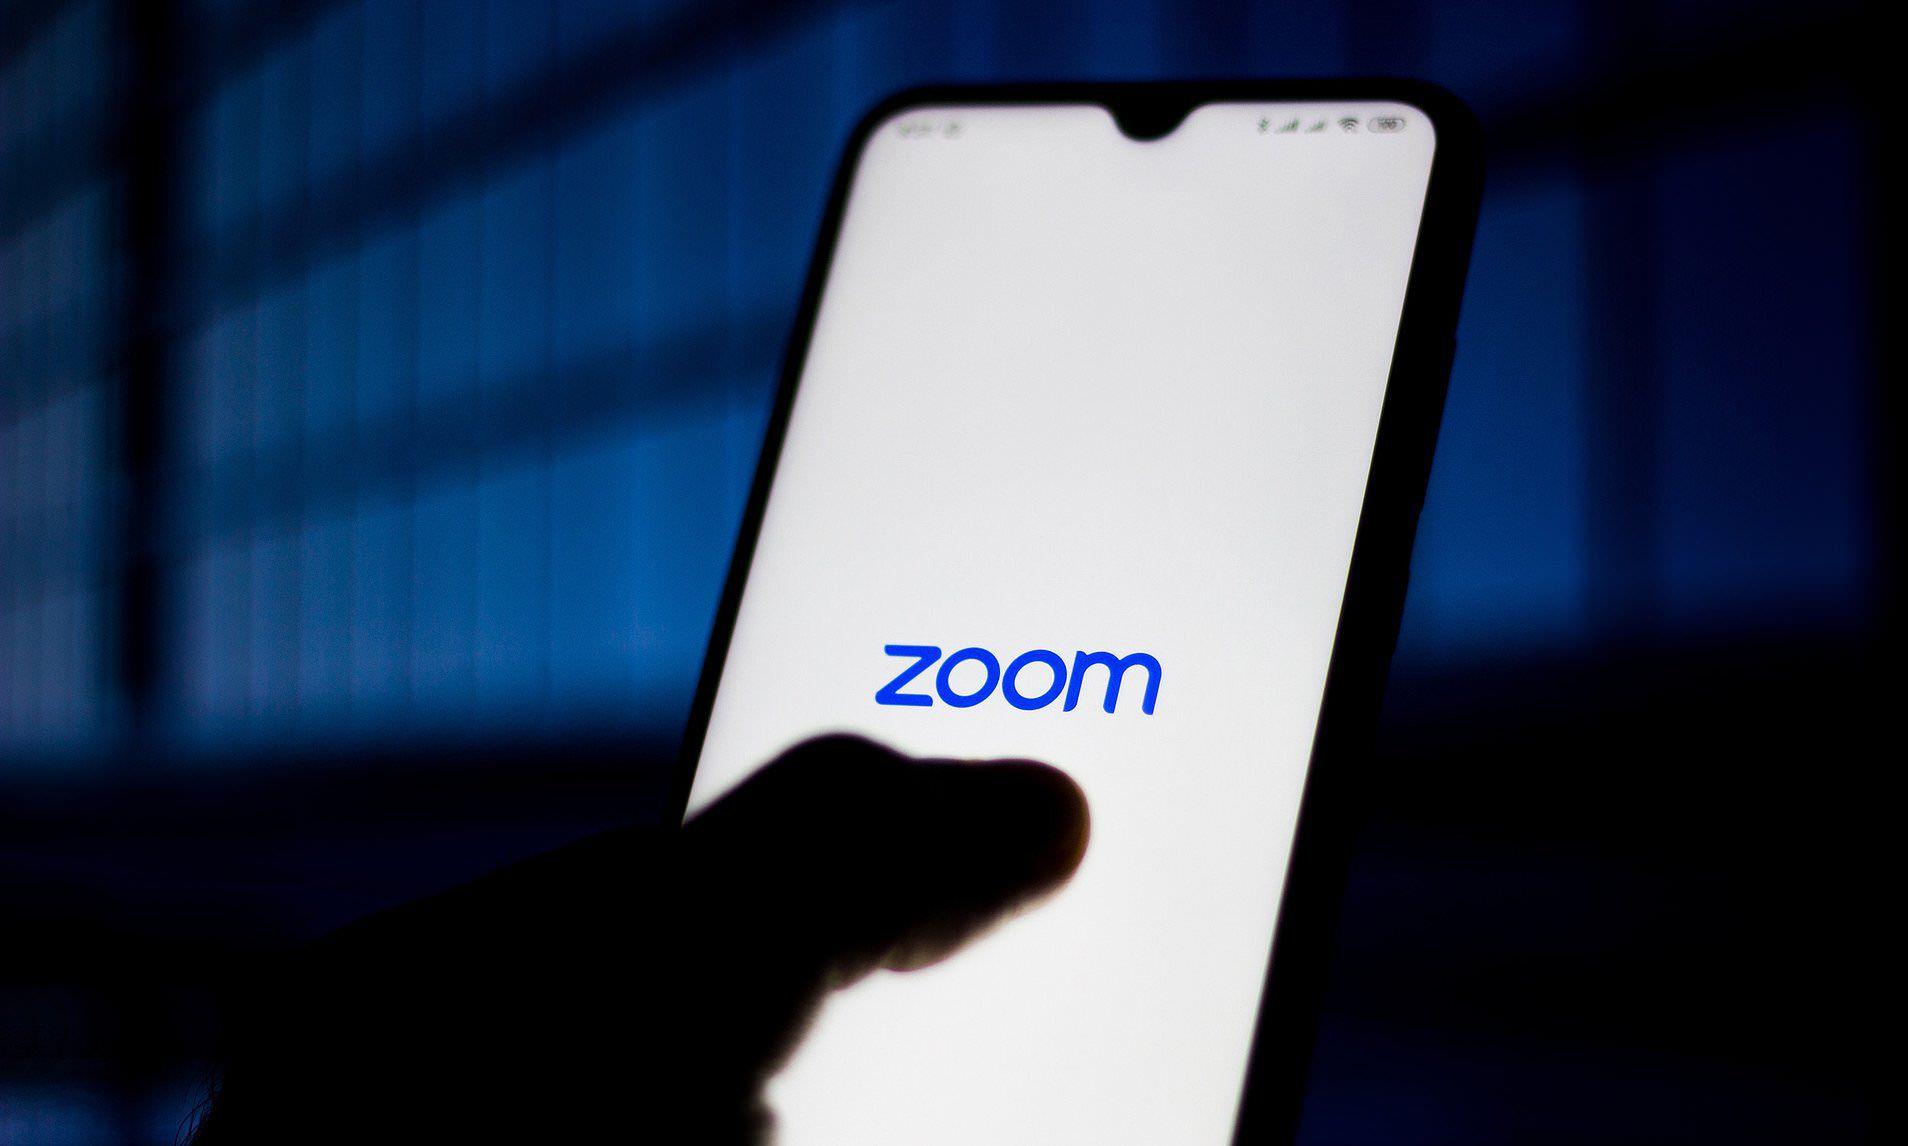 zoom - zoom kaydetme - zoom görüşme kaydetme - zoom toplantı kaydetme - zoom video kaydetme